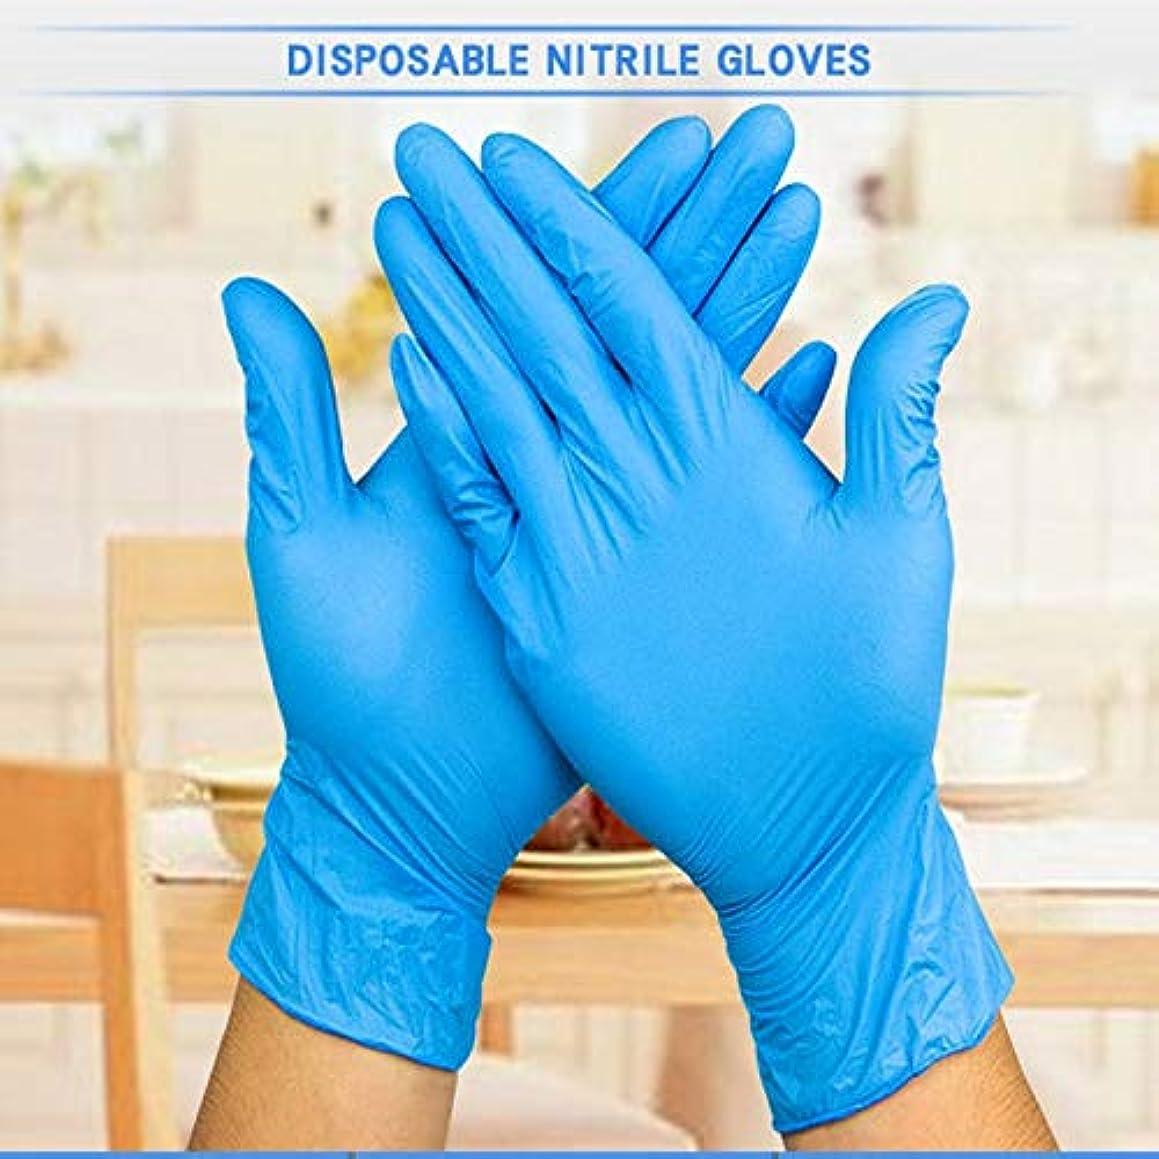 プレゼンテーション呼吸する迫害ニトリル医療グレード試験用手袋、使い捨て、ラテックスフリー、100カウント衛生手袋 (Color : Blue, Size : L)